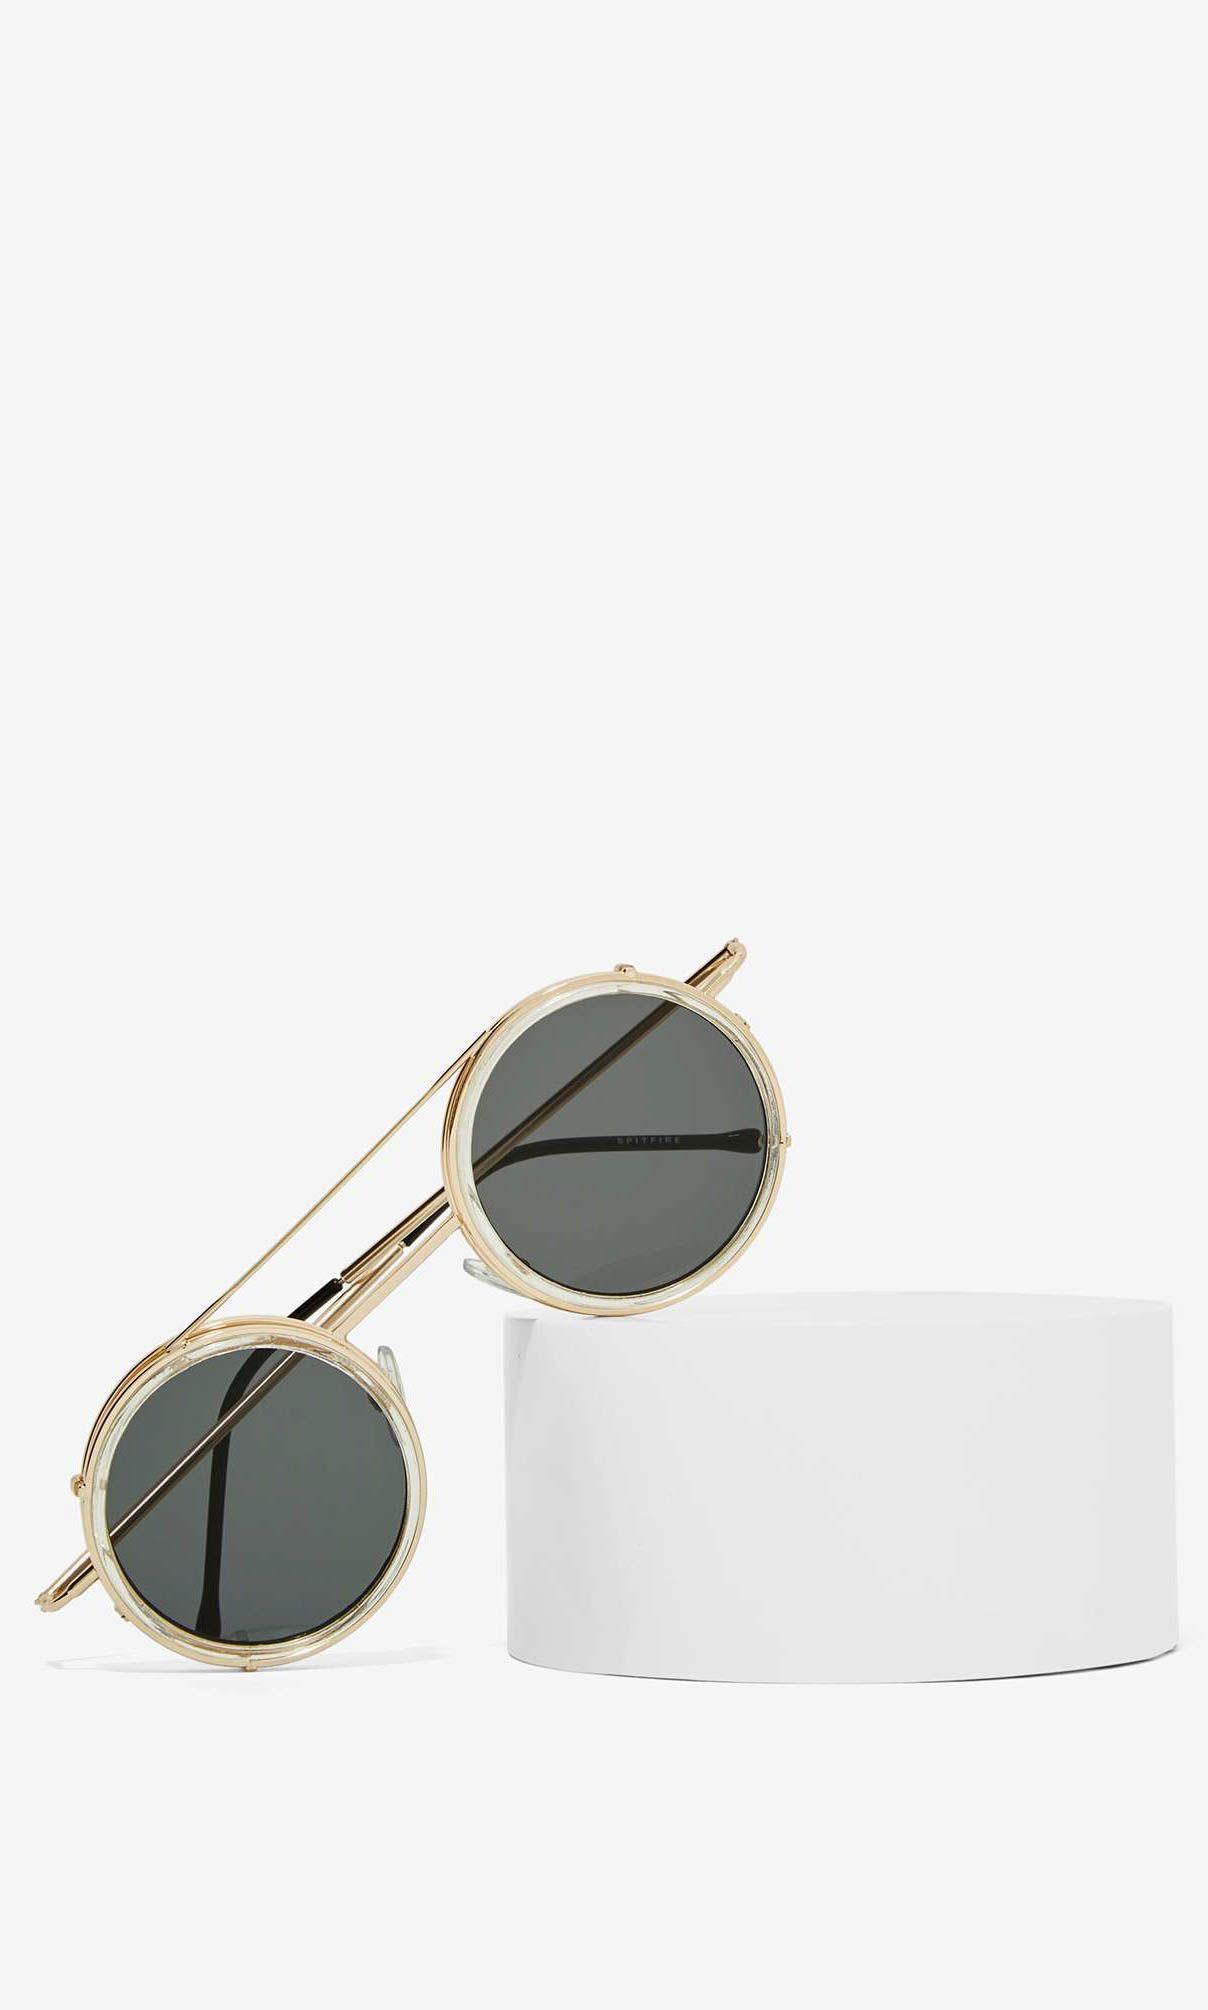 30d9d3ec9065d Pin de Ray Thandiswa em Sunscapades   Pinterest   Óculos, Acessórios e  Óculos de sol